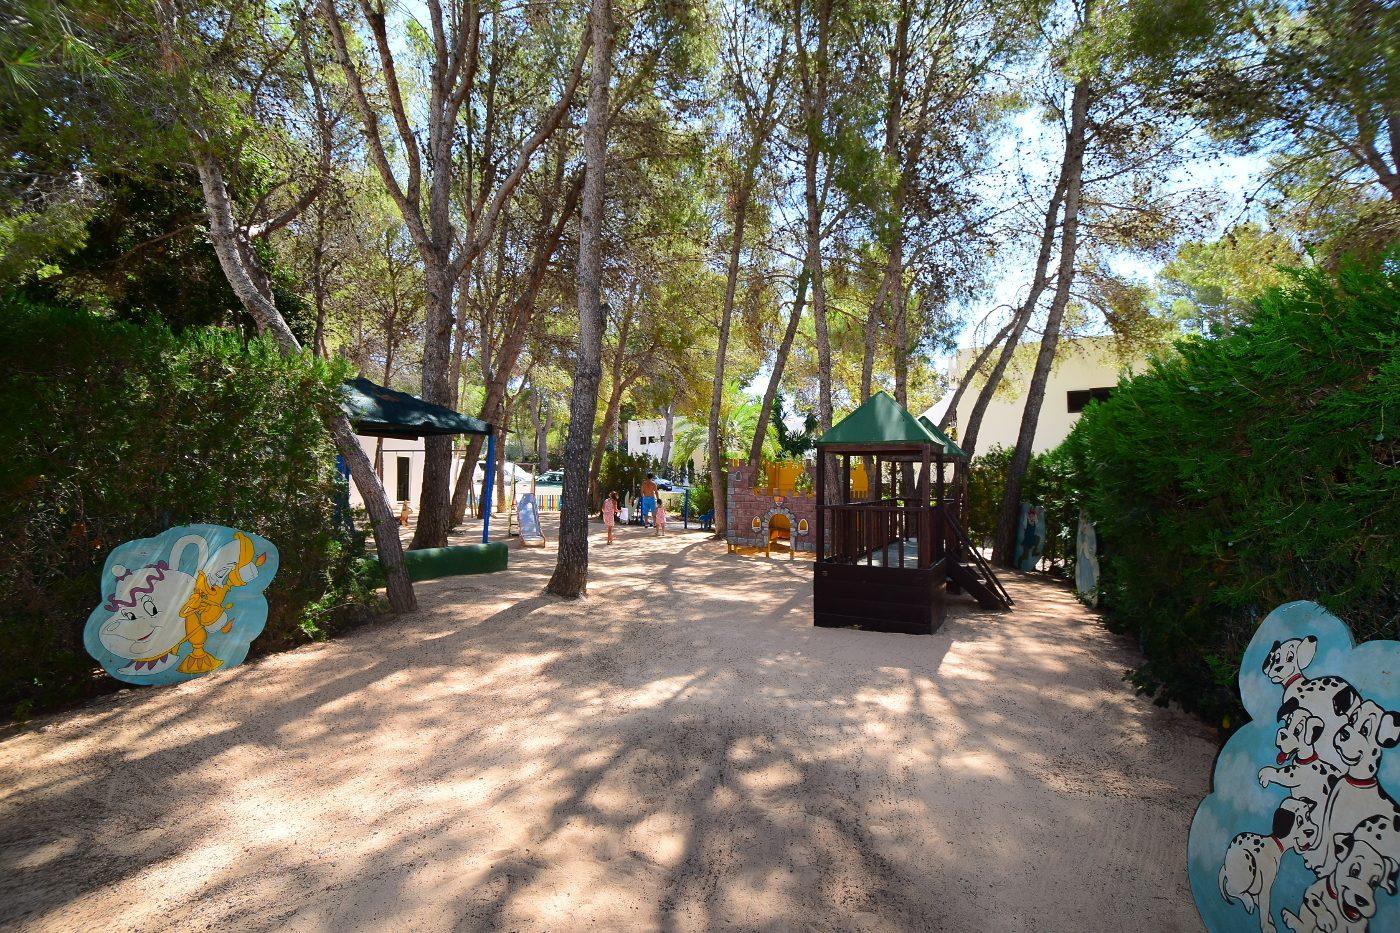 Children's play ground